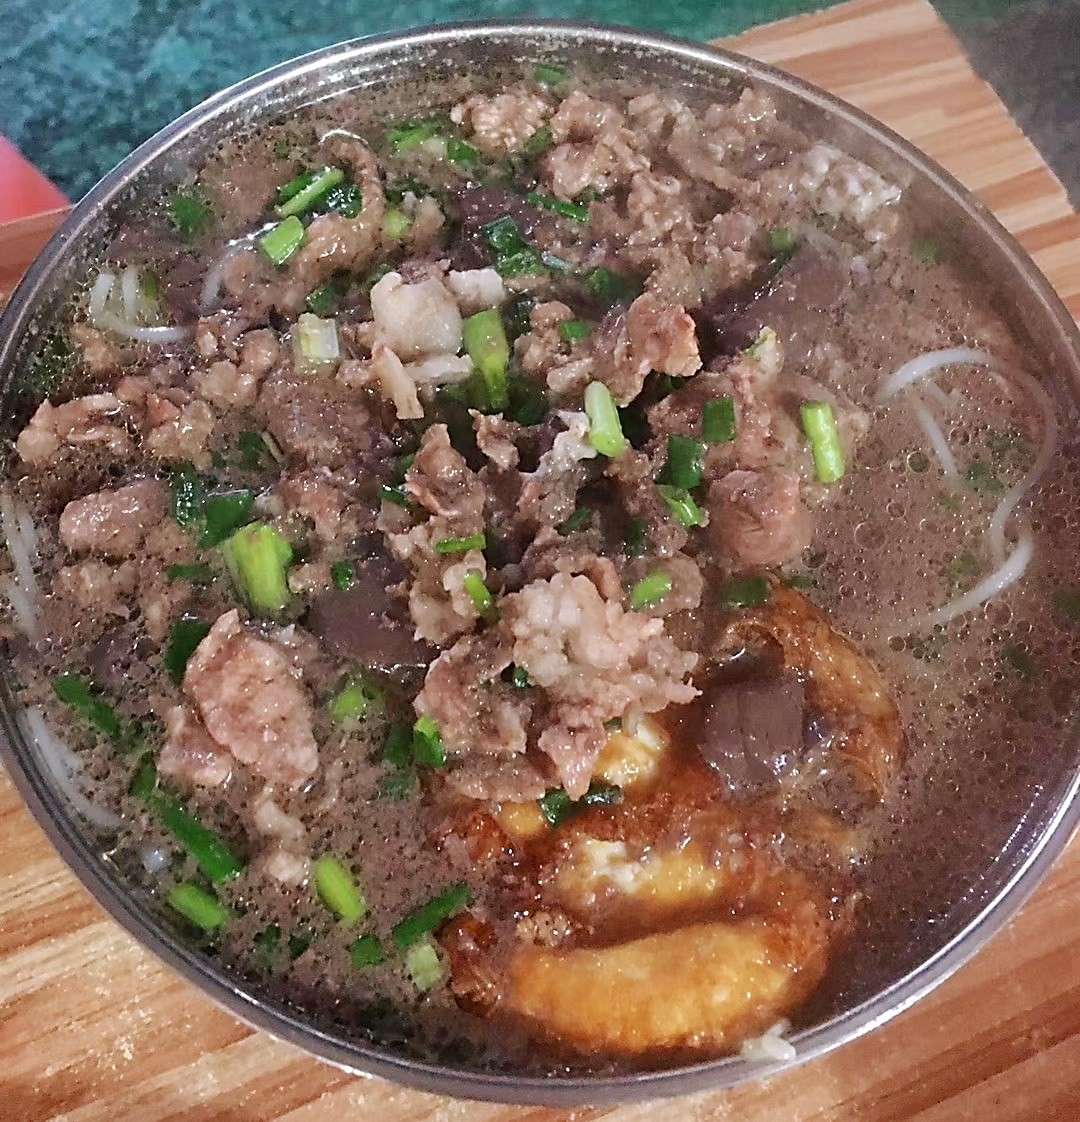 【郴州食为天餐饮培训】郴州哪里可以学到地道白露塘杀猪粉技术?